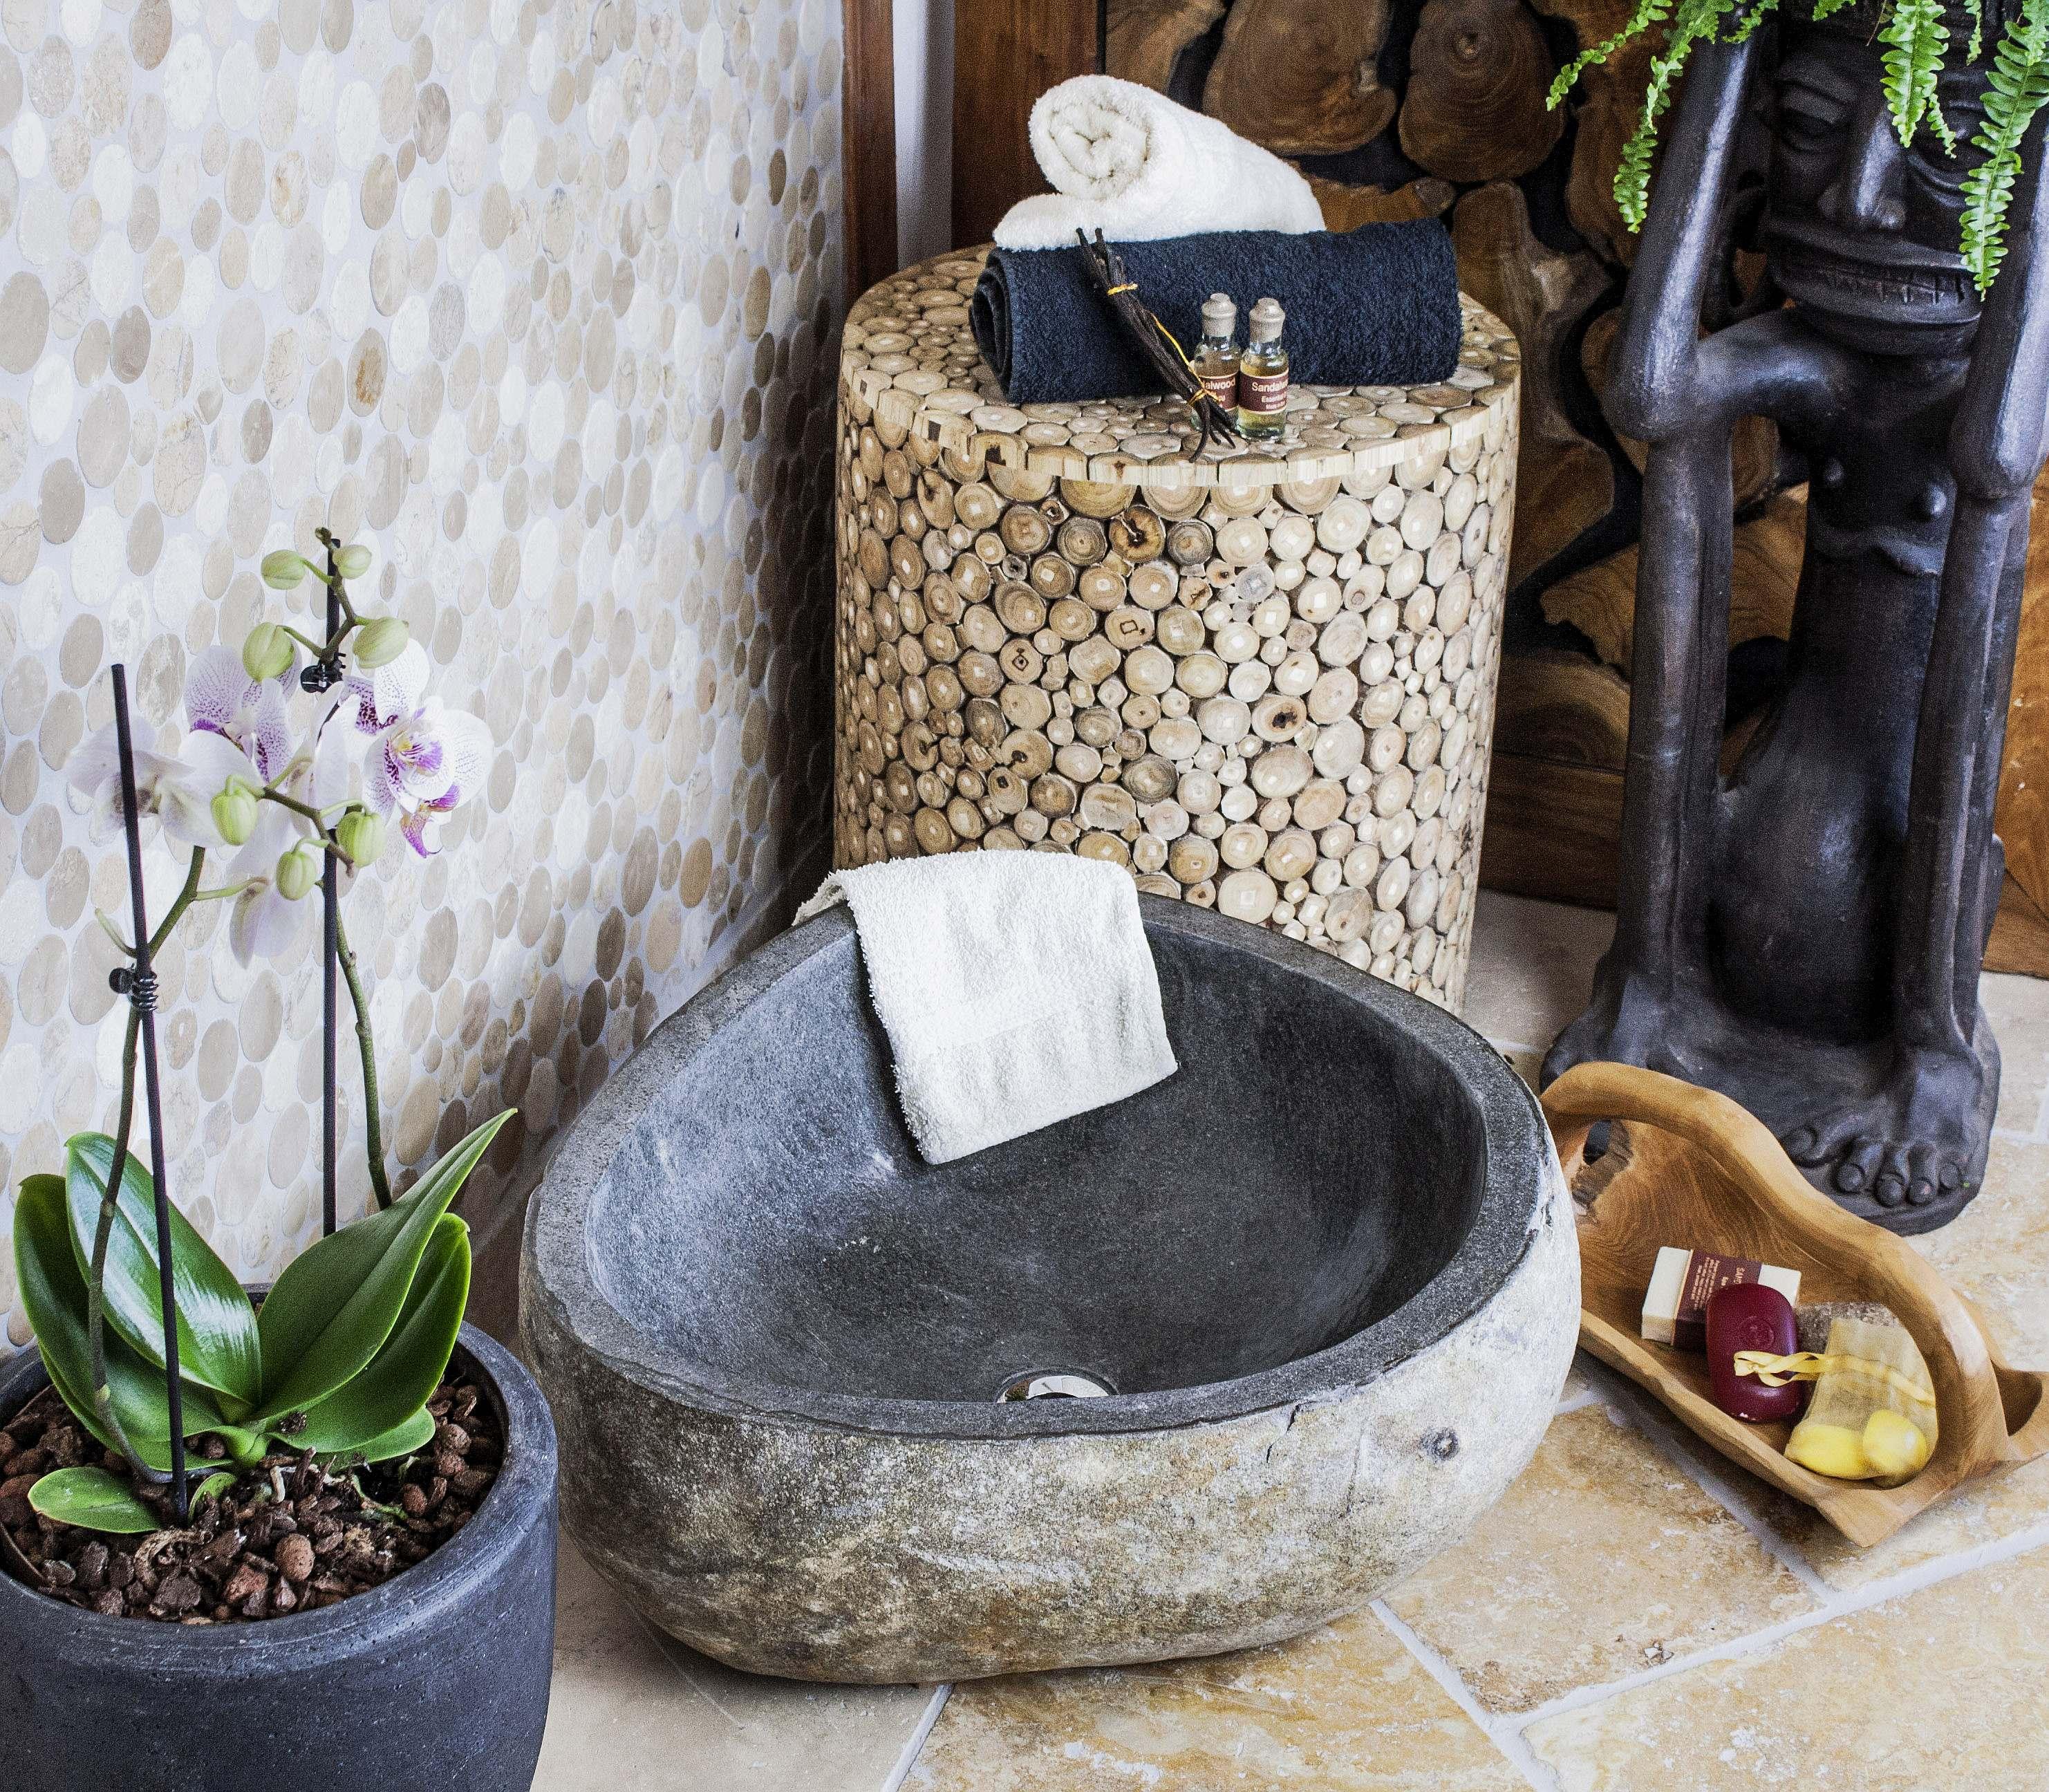 Fußbecken fußbecken für wellness spa fliesenonkel